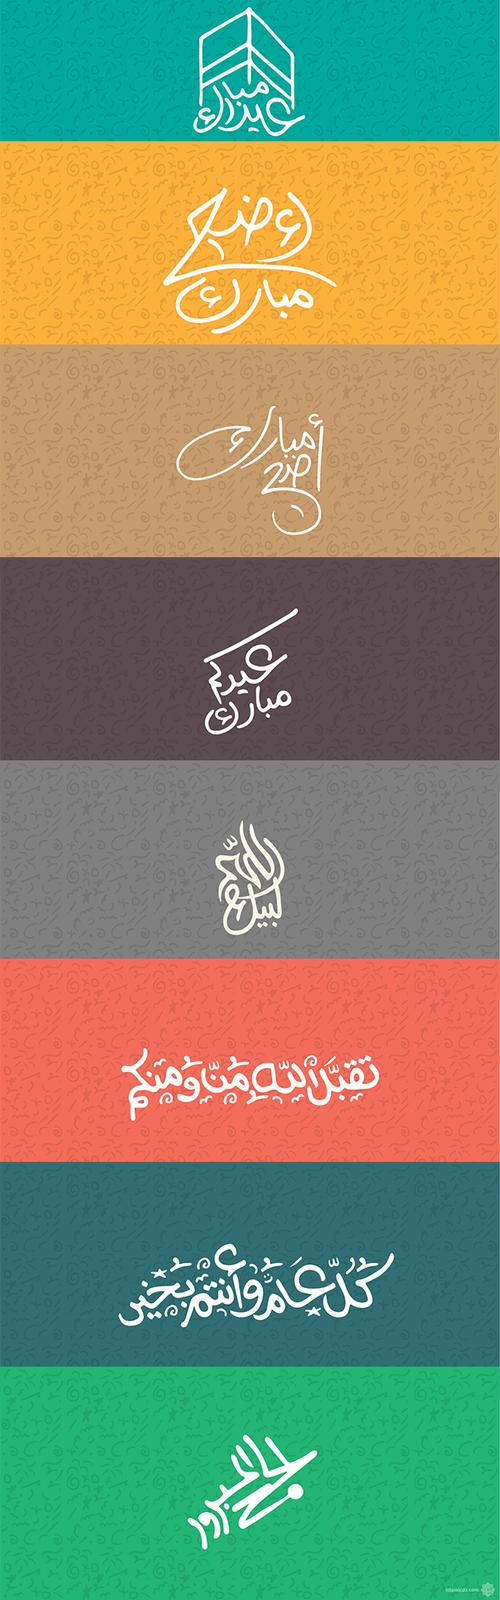 Eid Al Adha Typography vector file by ahmad-y